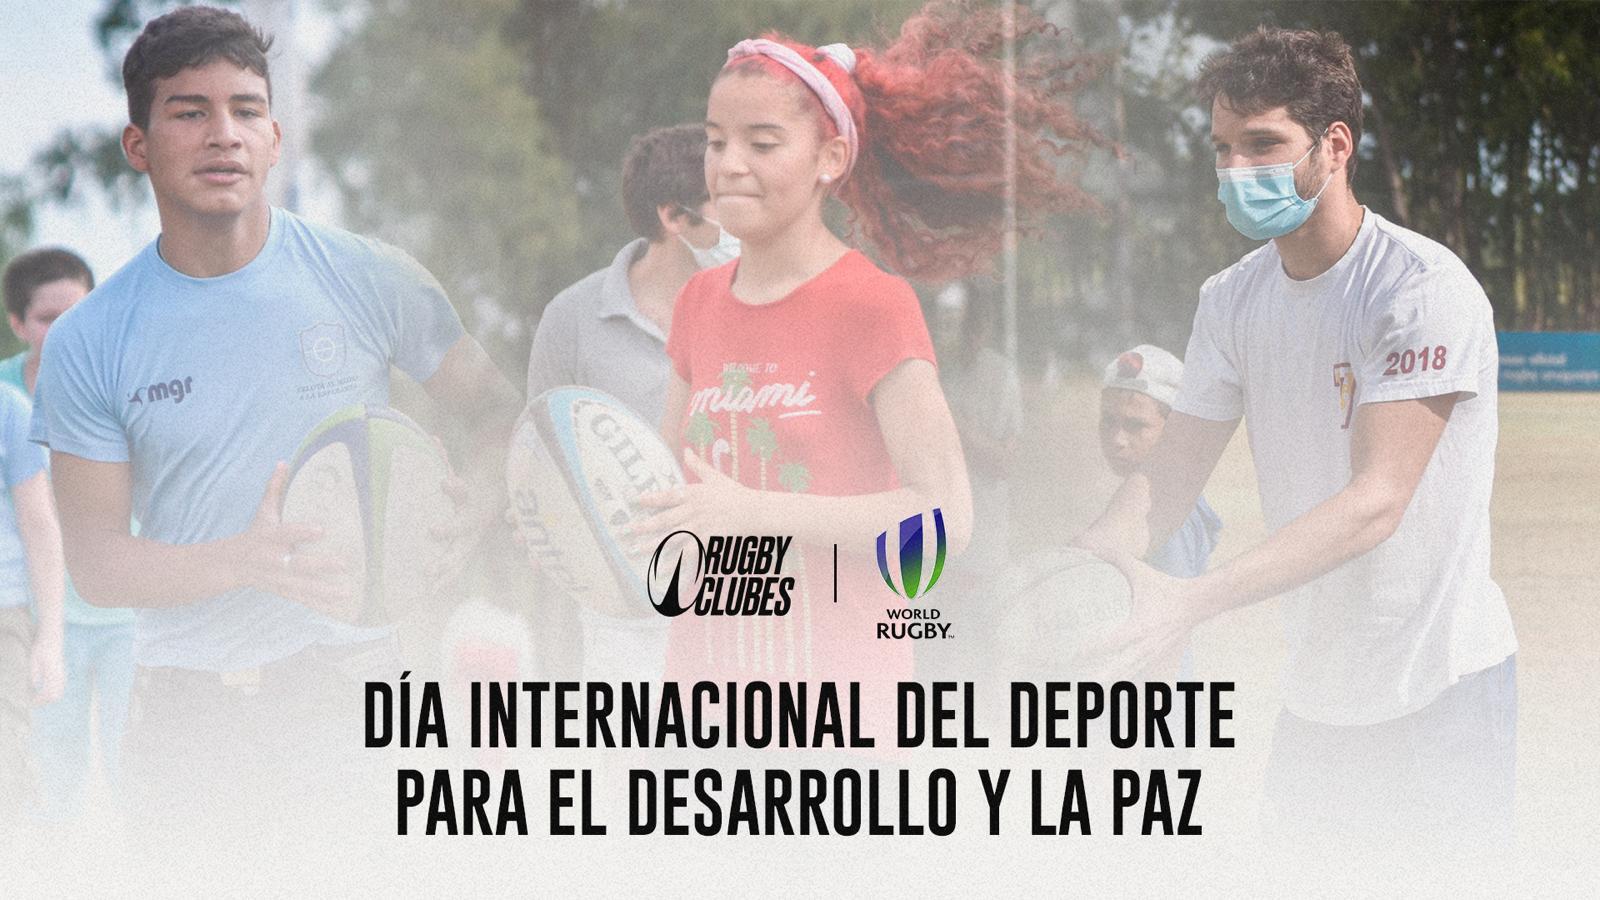 El Rugby se une a las celebraciones del Día Internacional del Deporte para el Desarrollo y la Paz